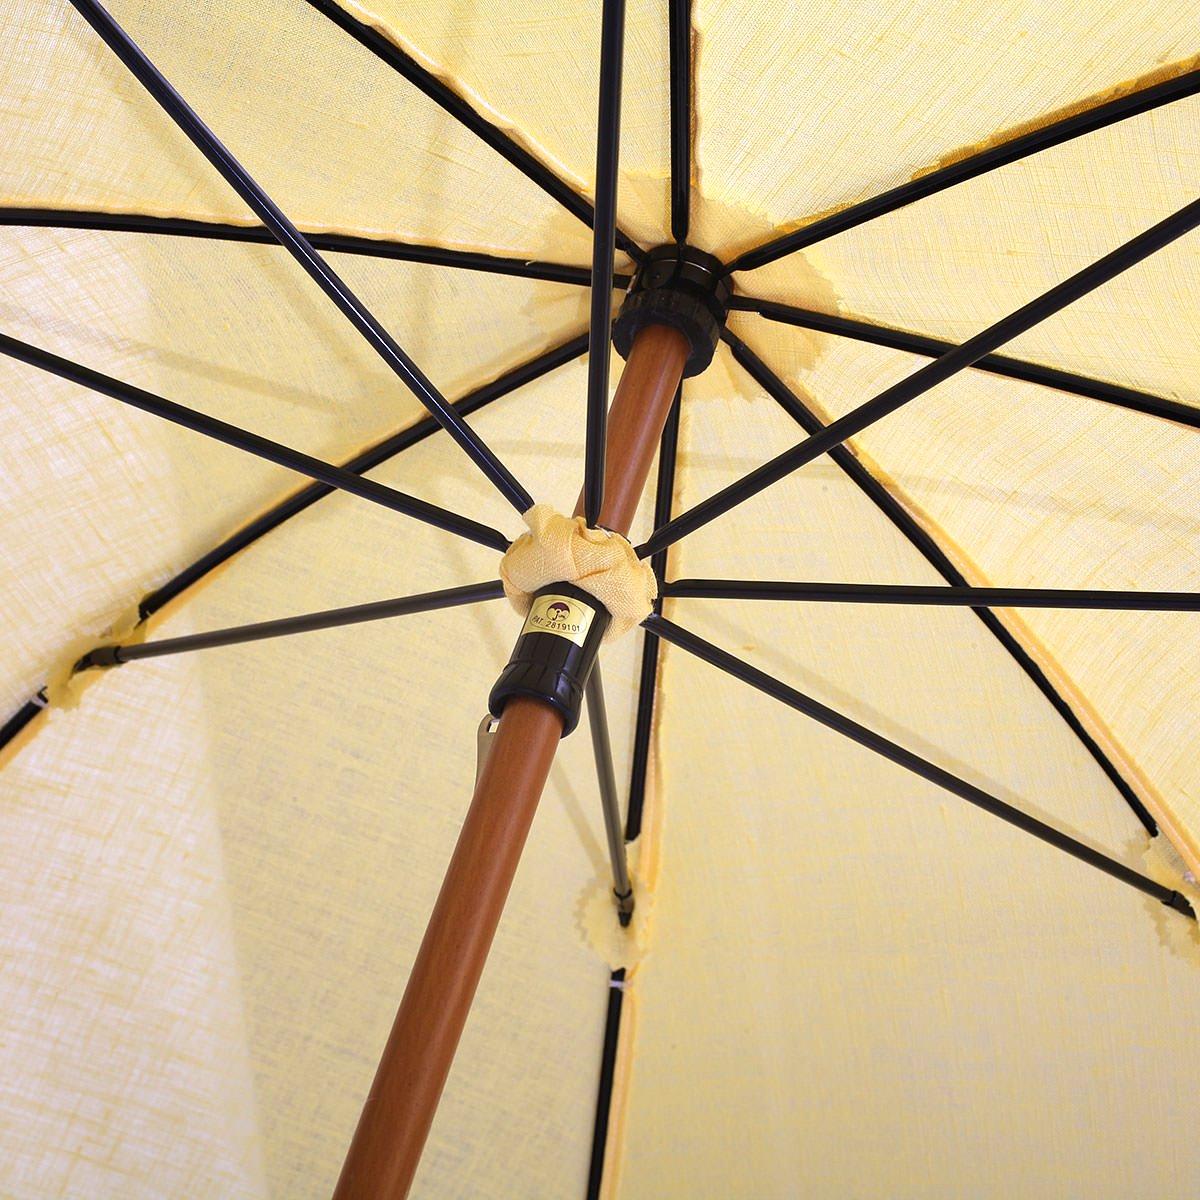 【晴雨兼用傘】レディース フレンチリネン無地 長傘 詳細画像6